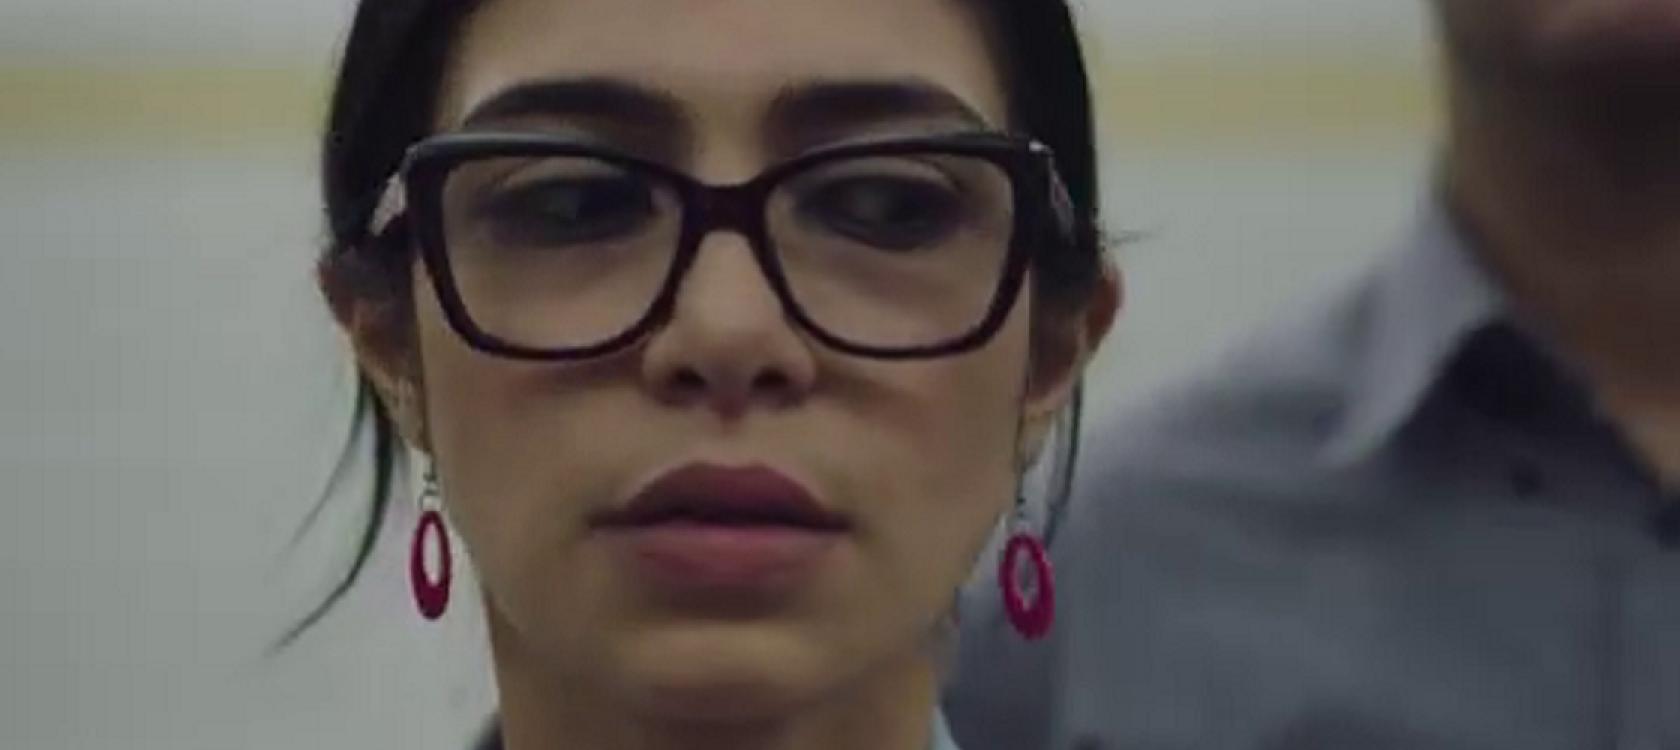 Capture de la vidéo de sensibilisation au harcèlement  en Egypte